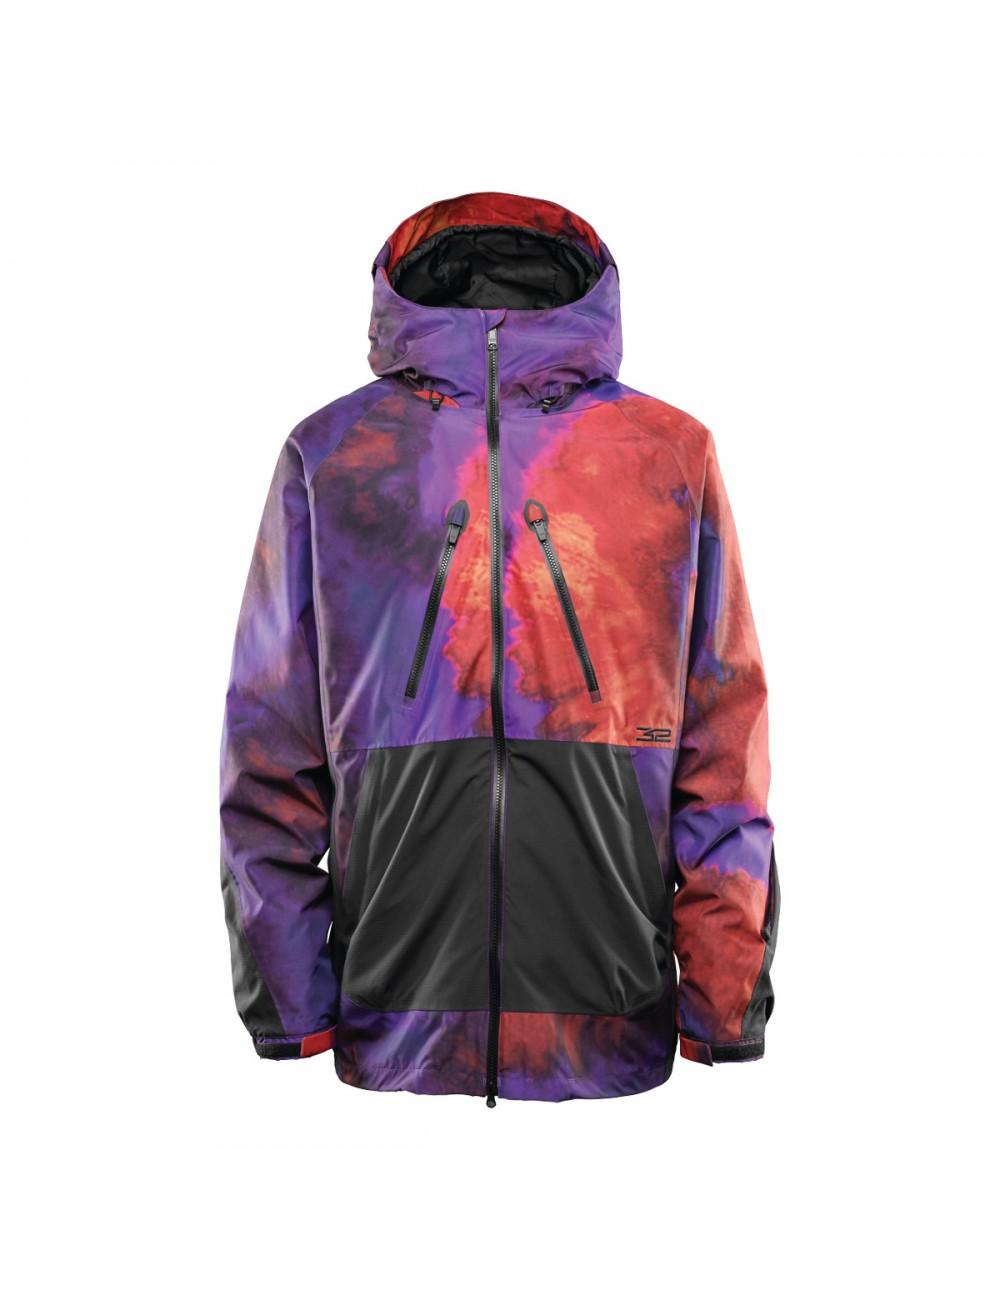 32 Müllair Jacket - Black/ Purple_12381